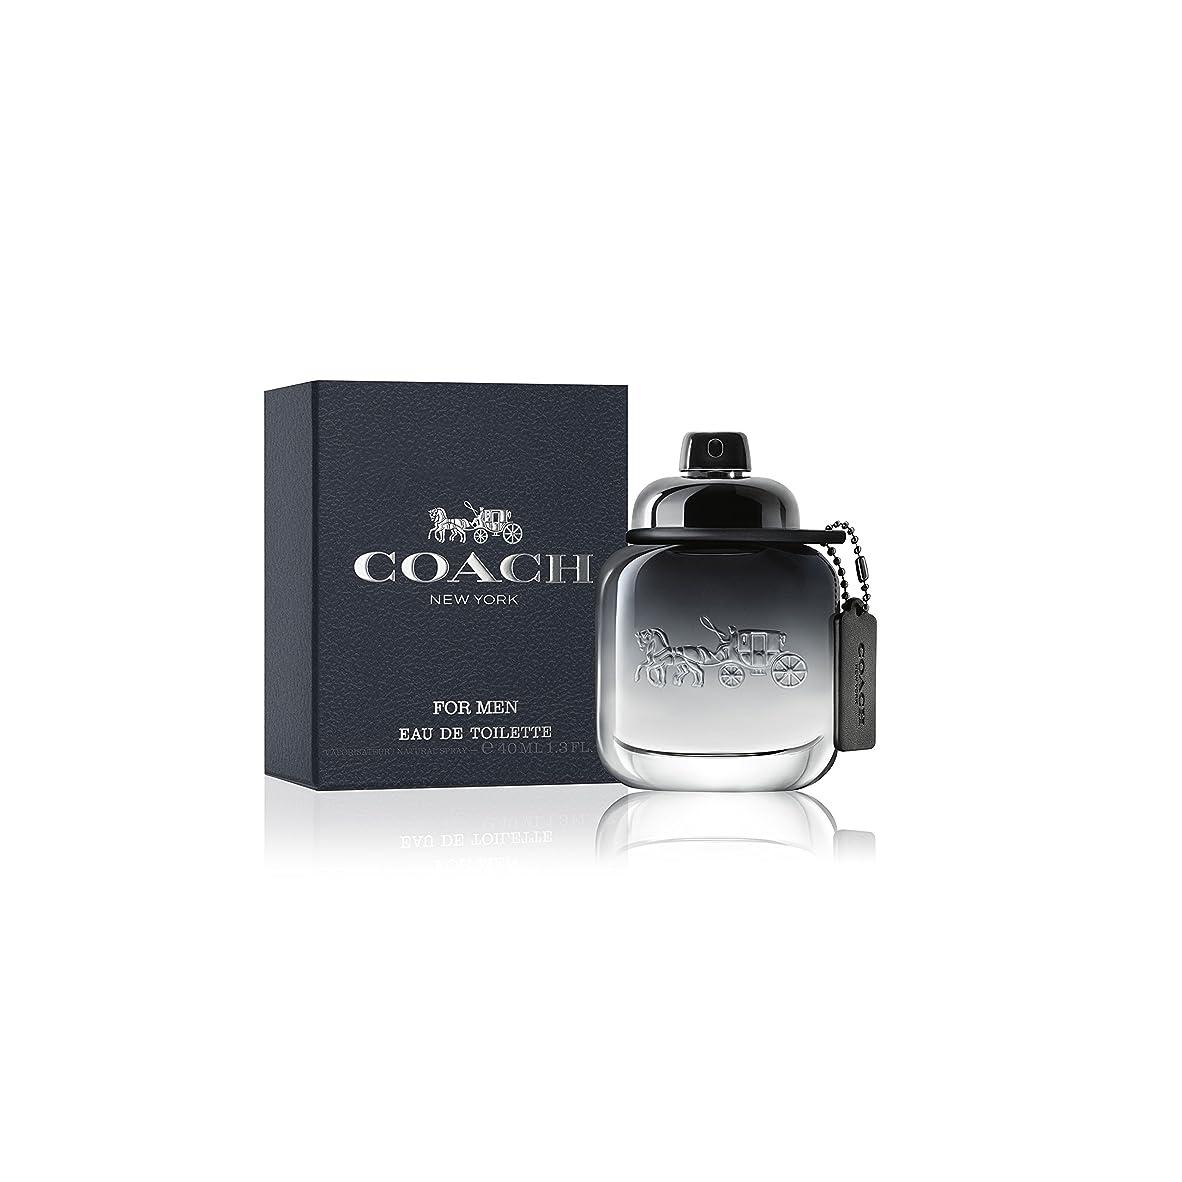 バウンドちっちゃいポジションプラウドメン グルーミングバームCM 40g (シトラスムスクの香り) 香水?フレグランスクリーム